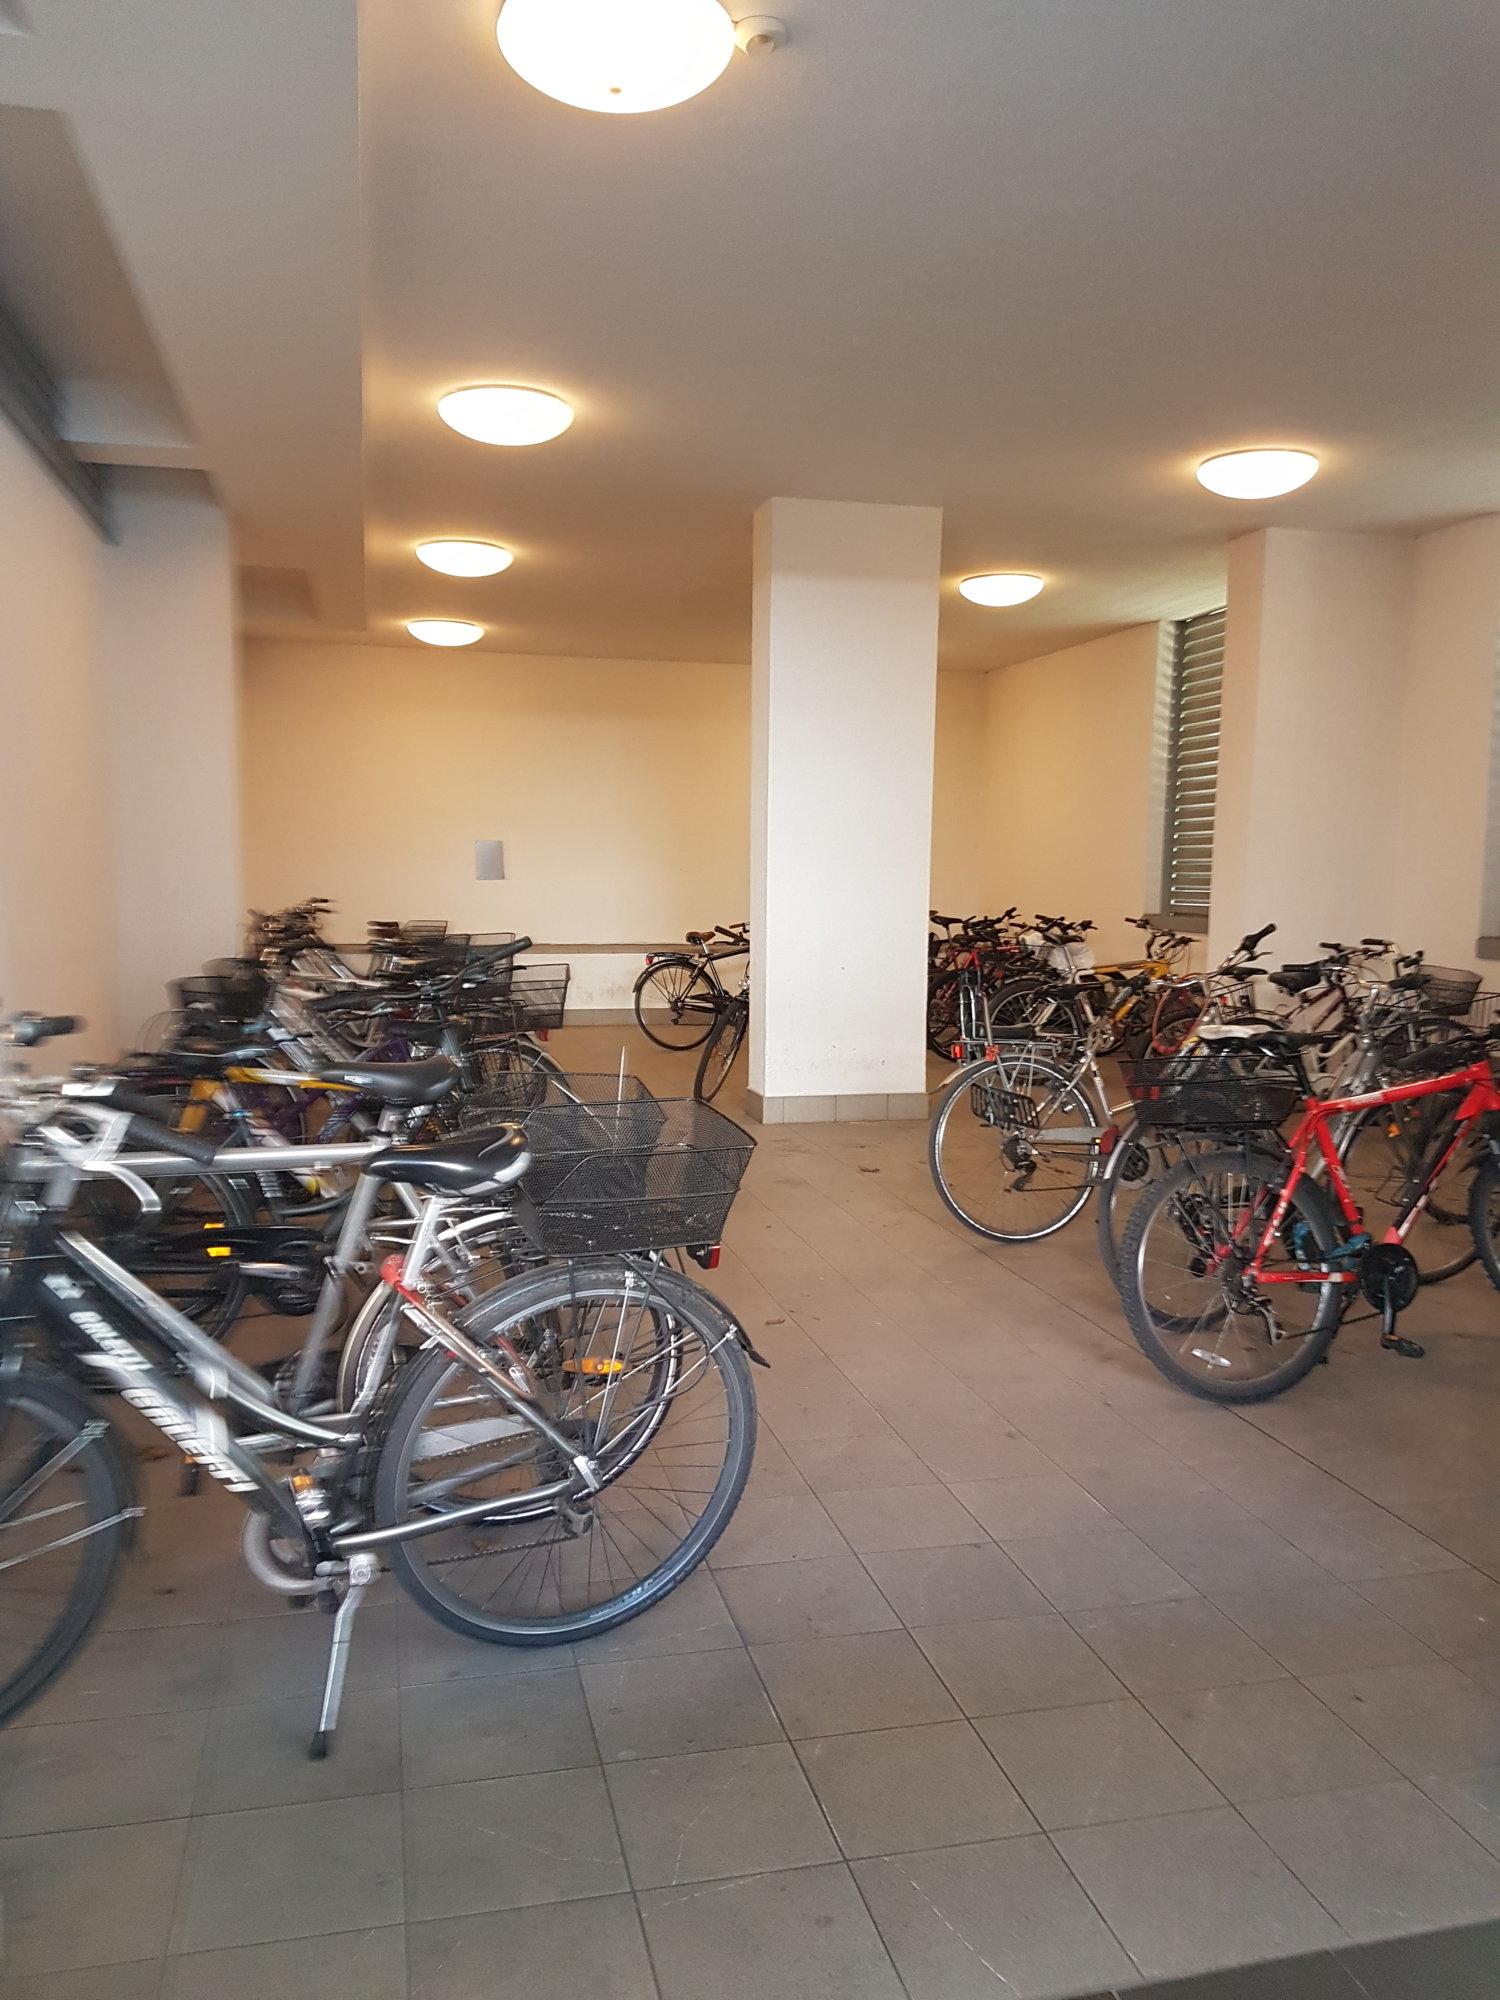 Überdachte Stellplätze für Räder_spazio coperto per bici